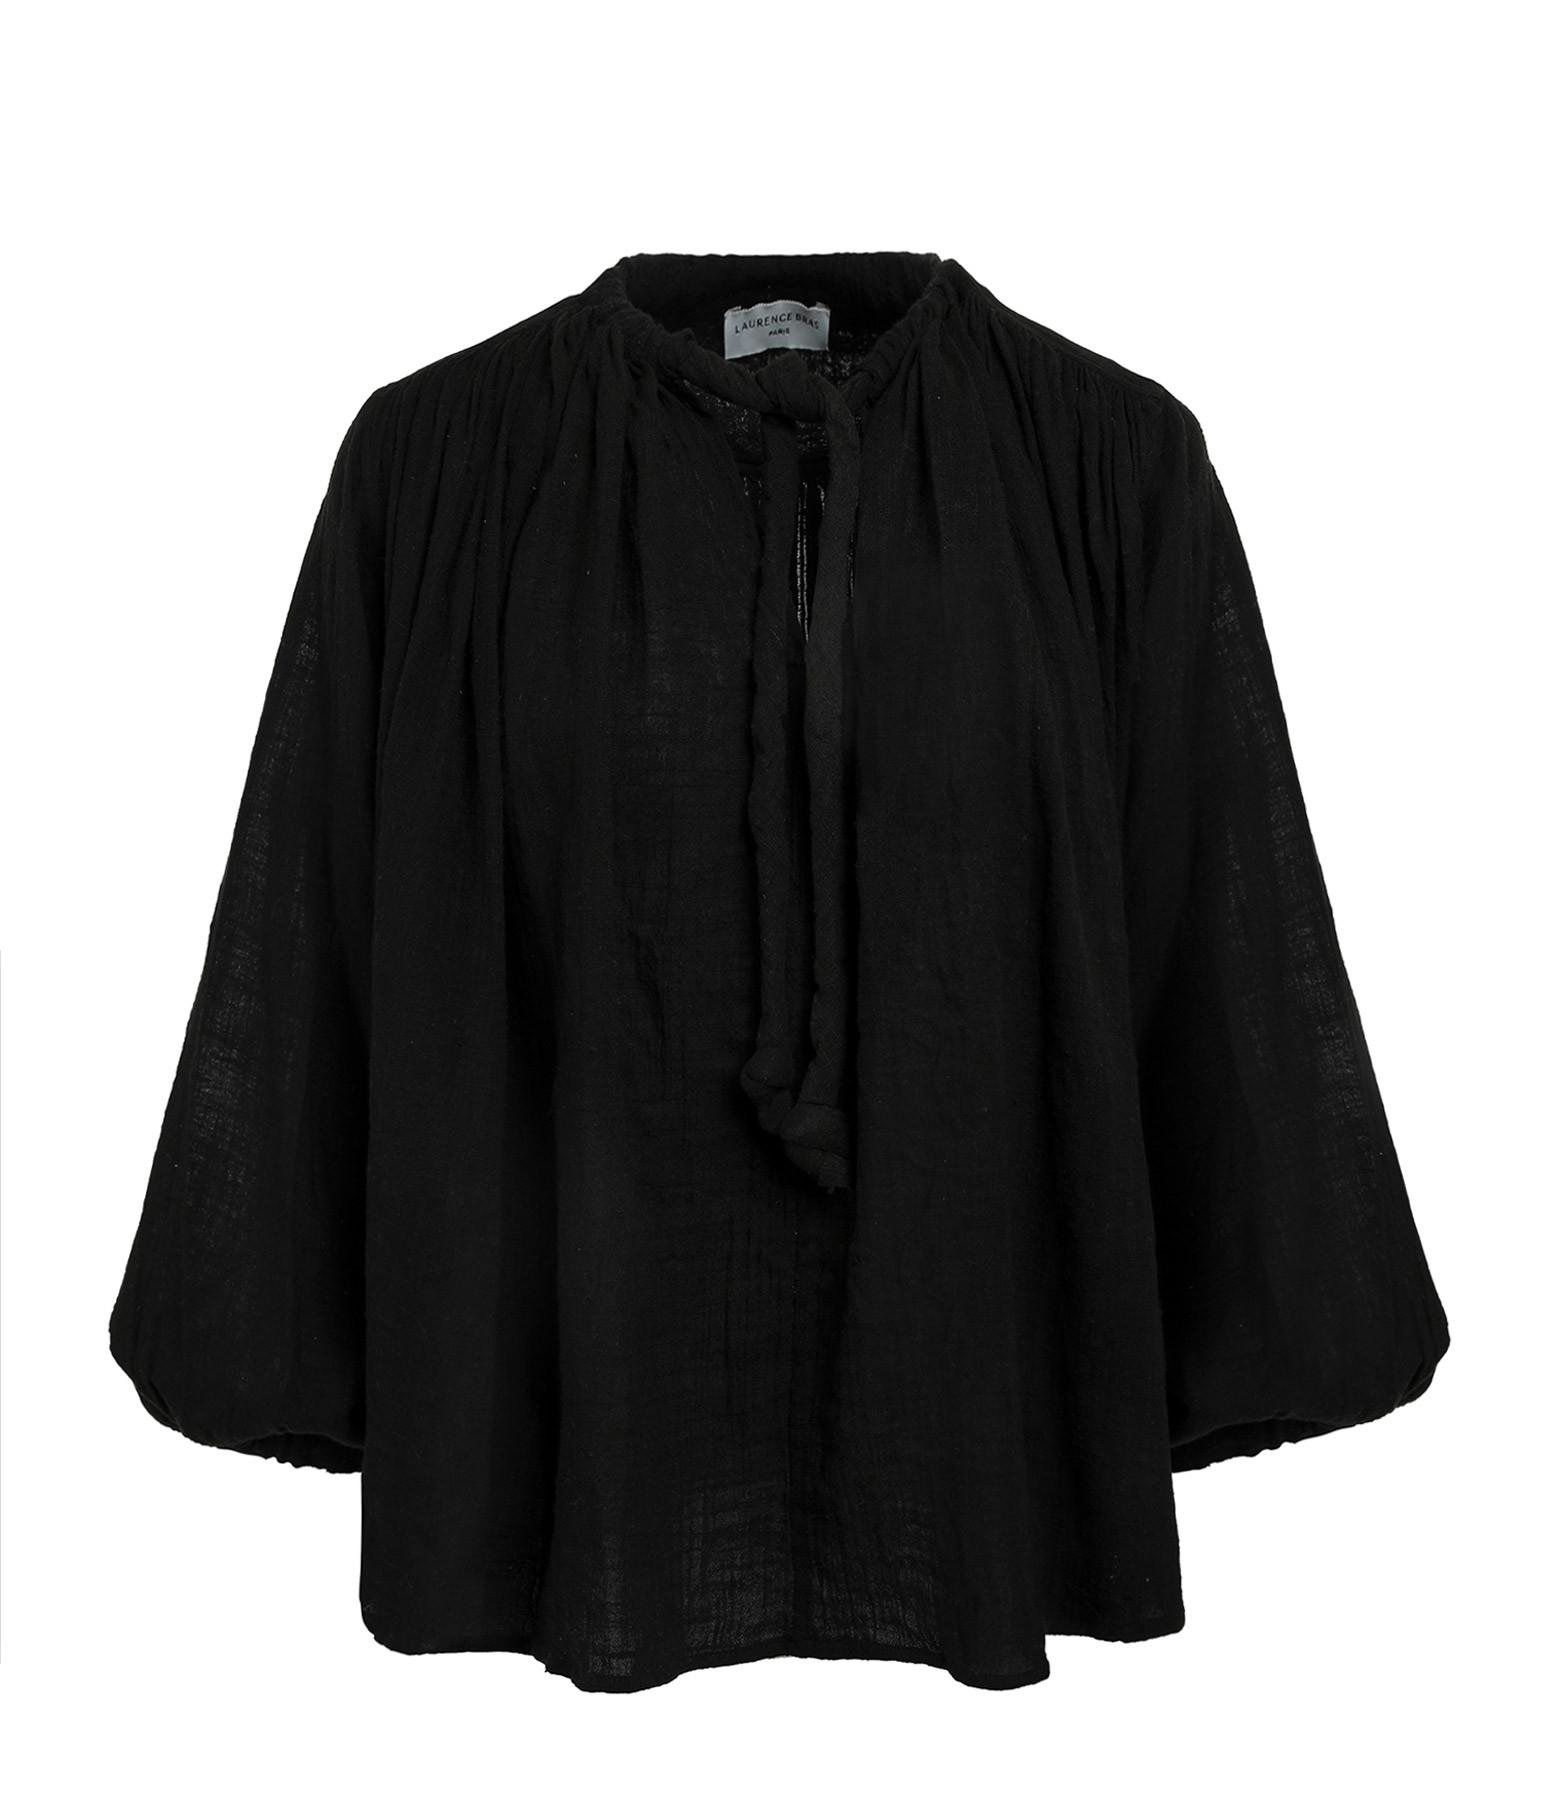 LAURENCE BRAS - Blouse Malboro Coton Noir